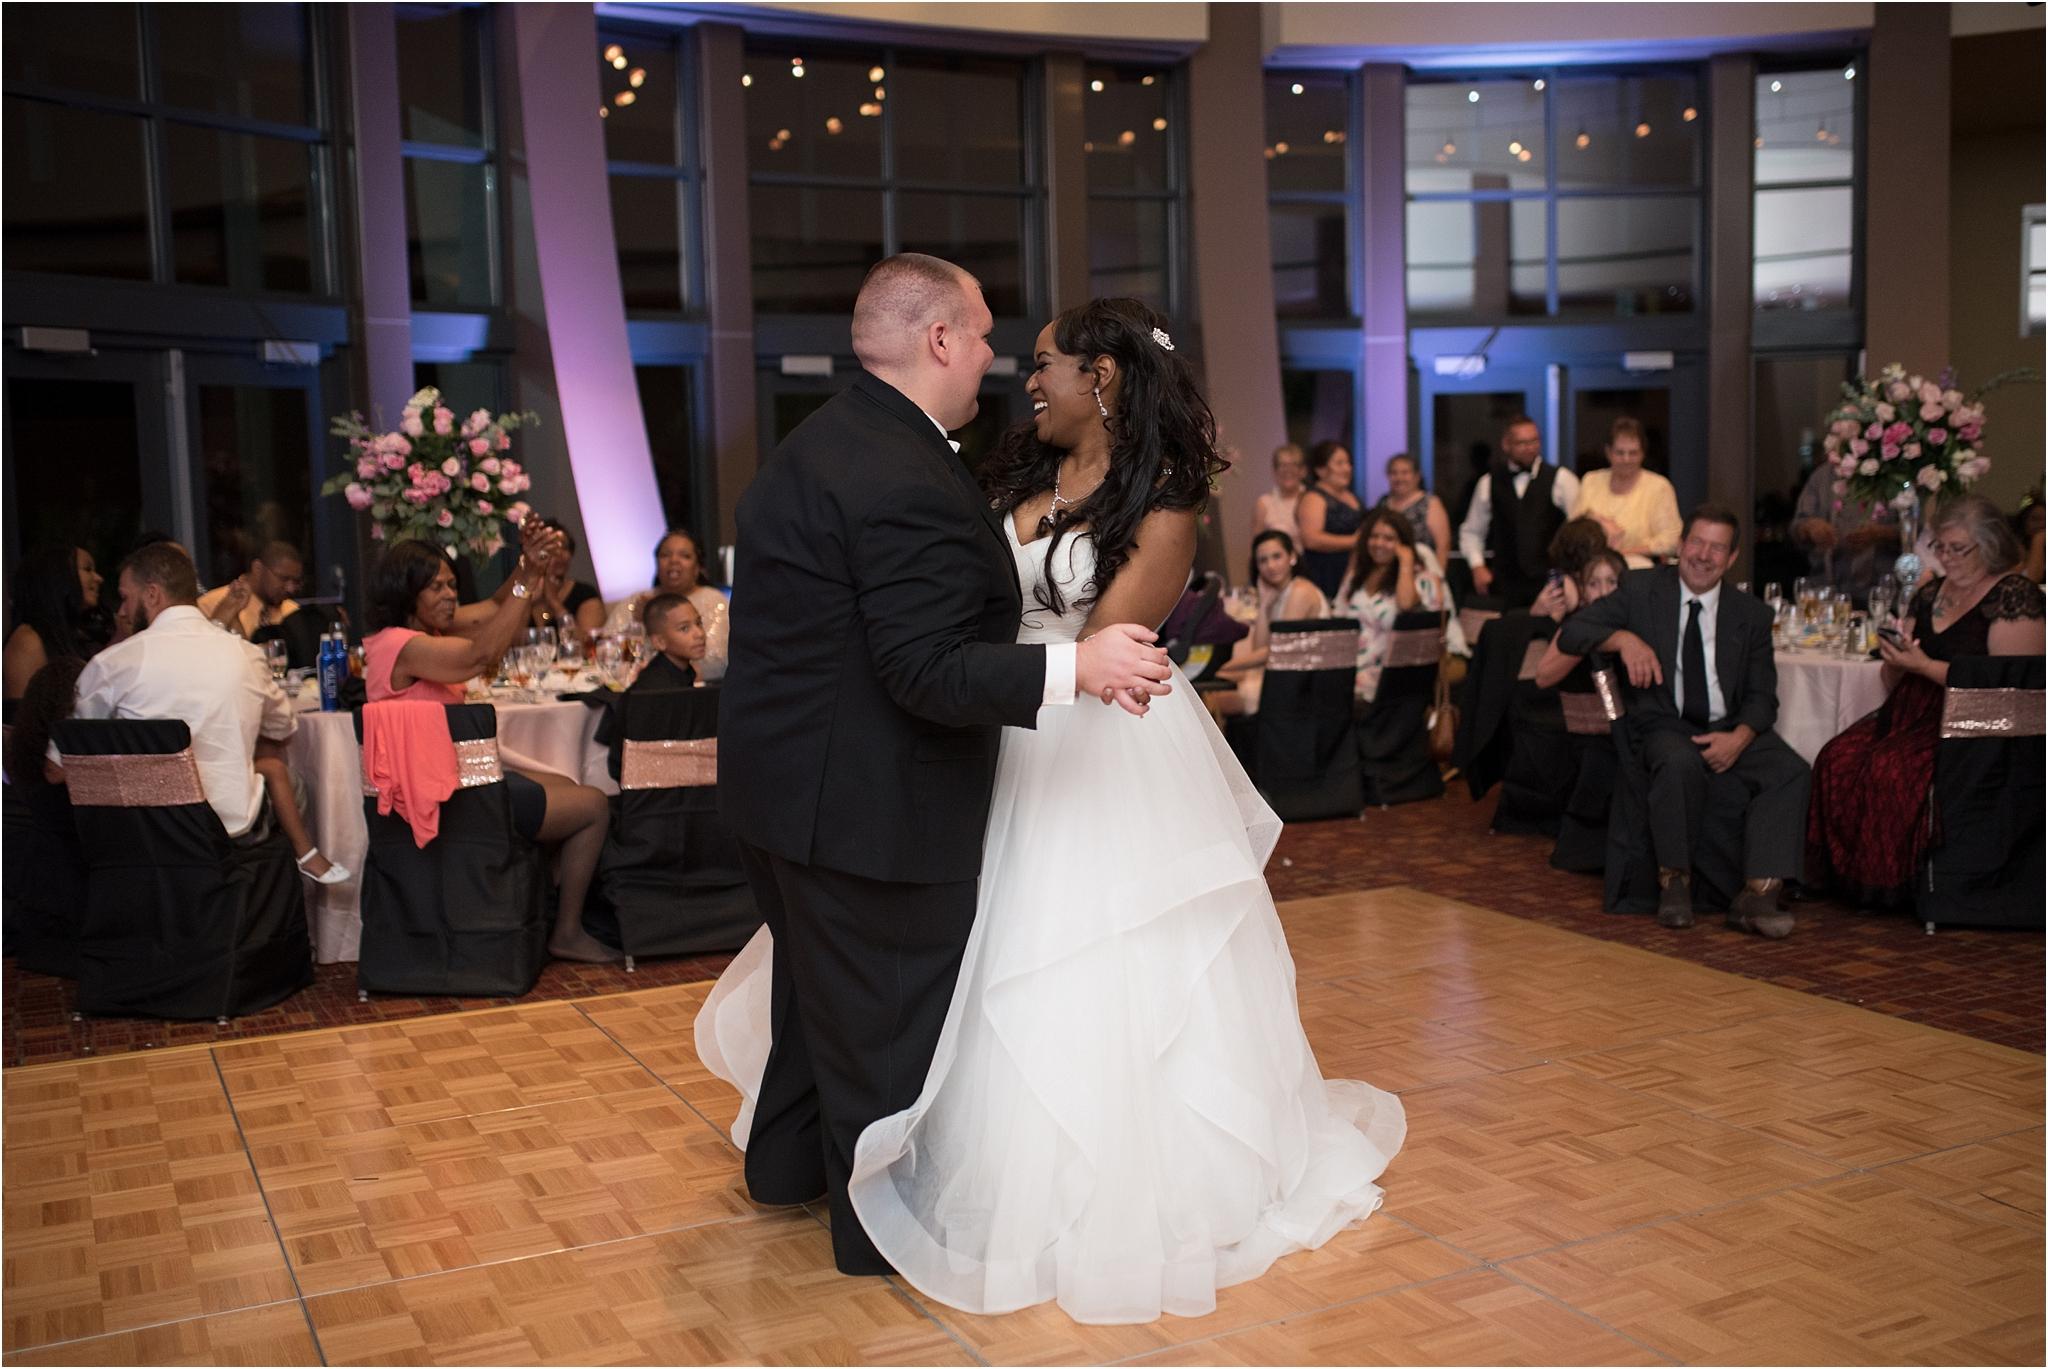 kayla kitts photography - albuquerque wedding photographer - isleta wedding_0039.jpg